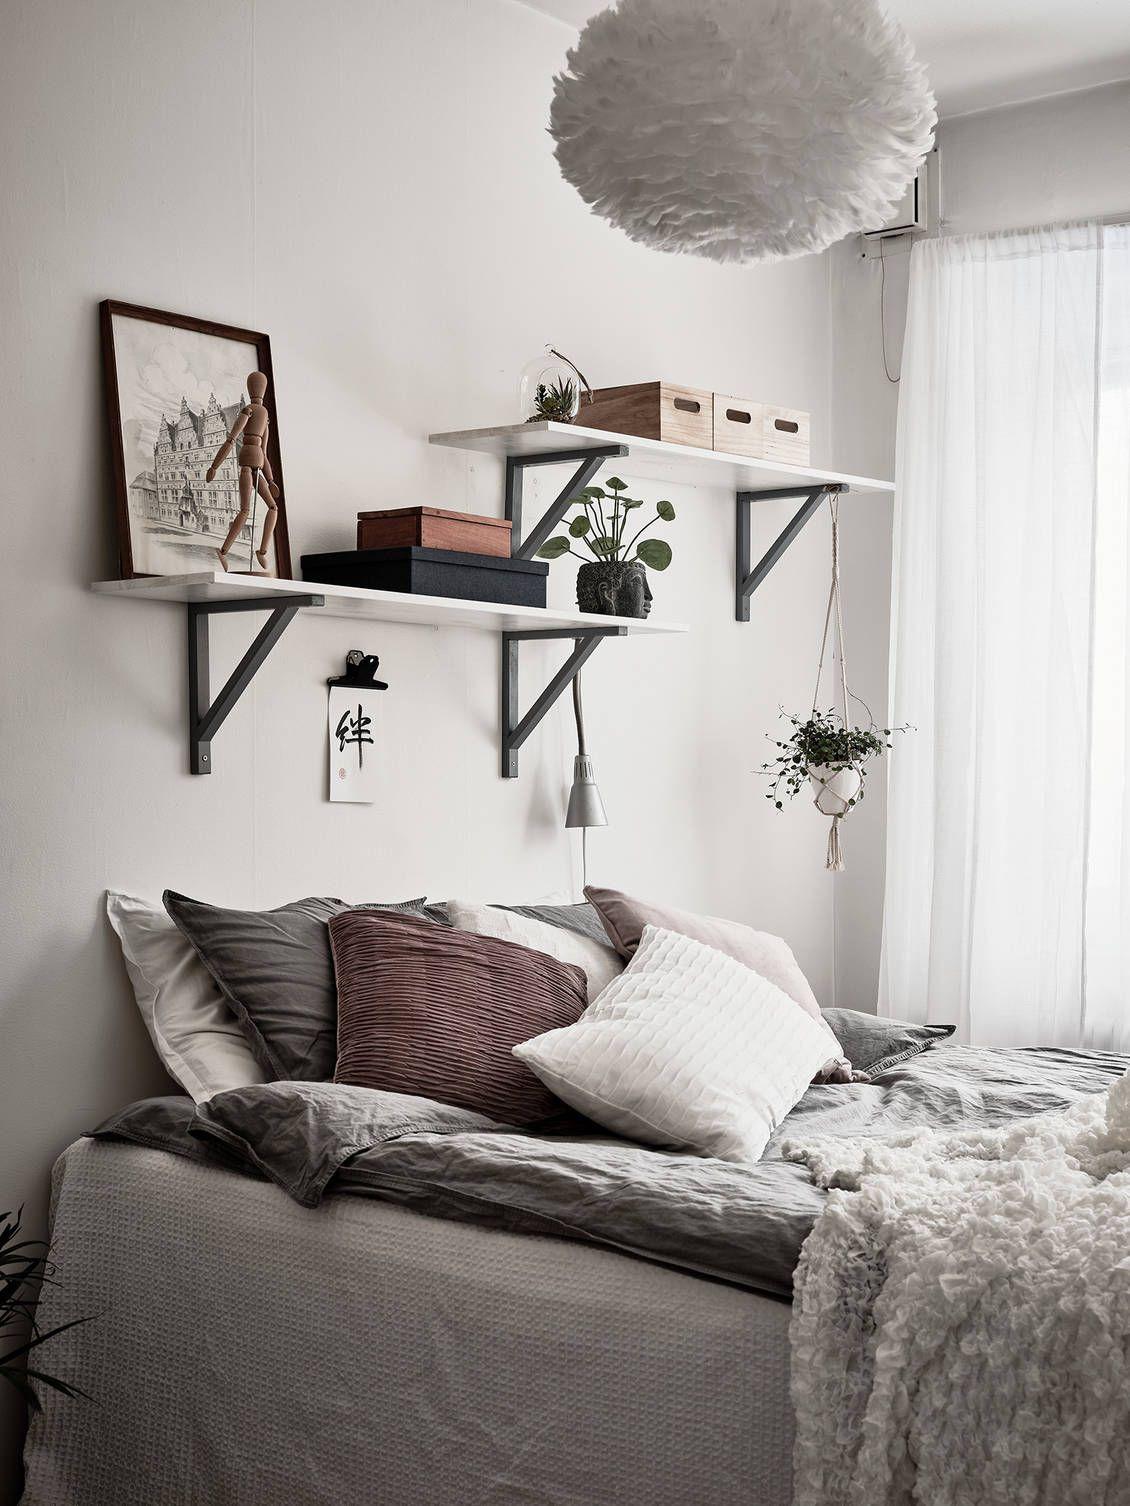 7 Decoratie Ideeen Voor De Ruimte Boven Je Bed Woonmooi Slaapkamerideeen Slaapkamer Interieur Slaapkamer Inrichten